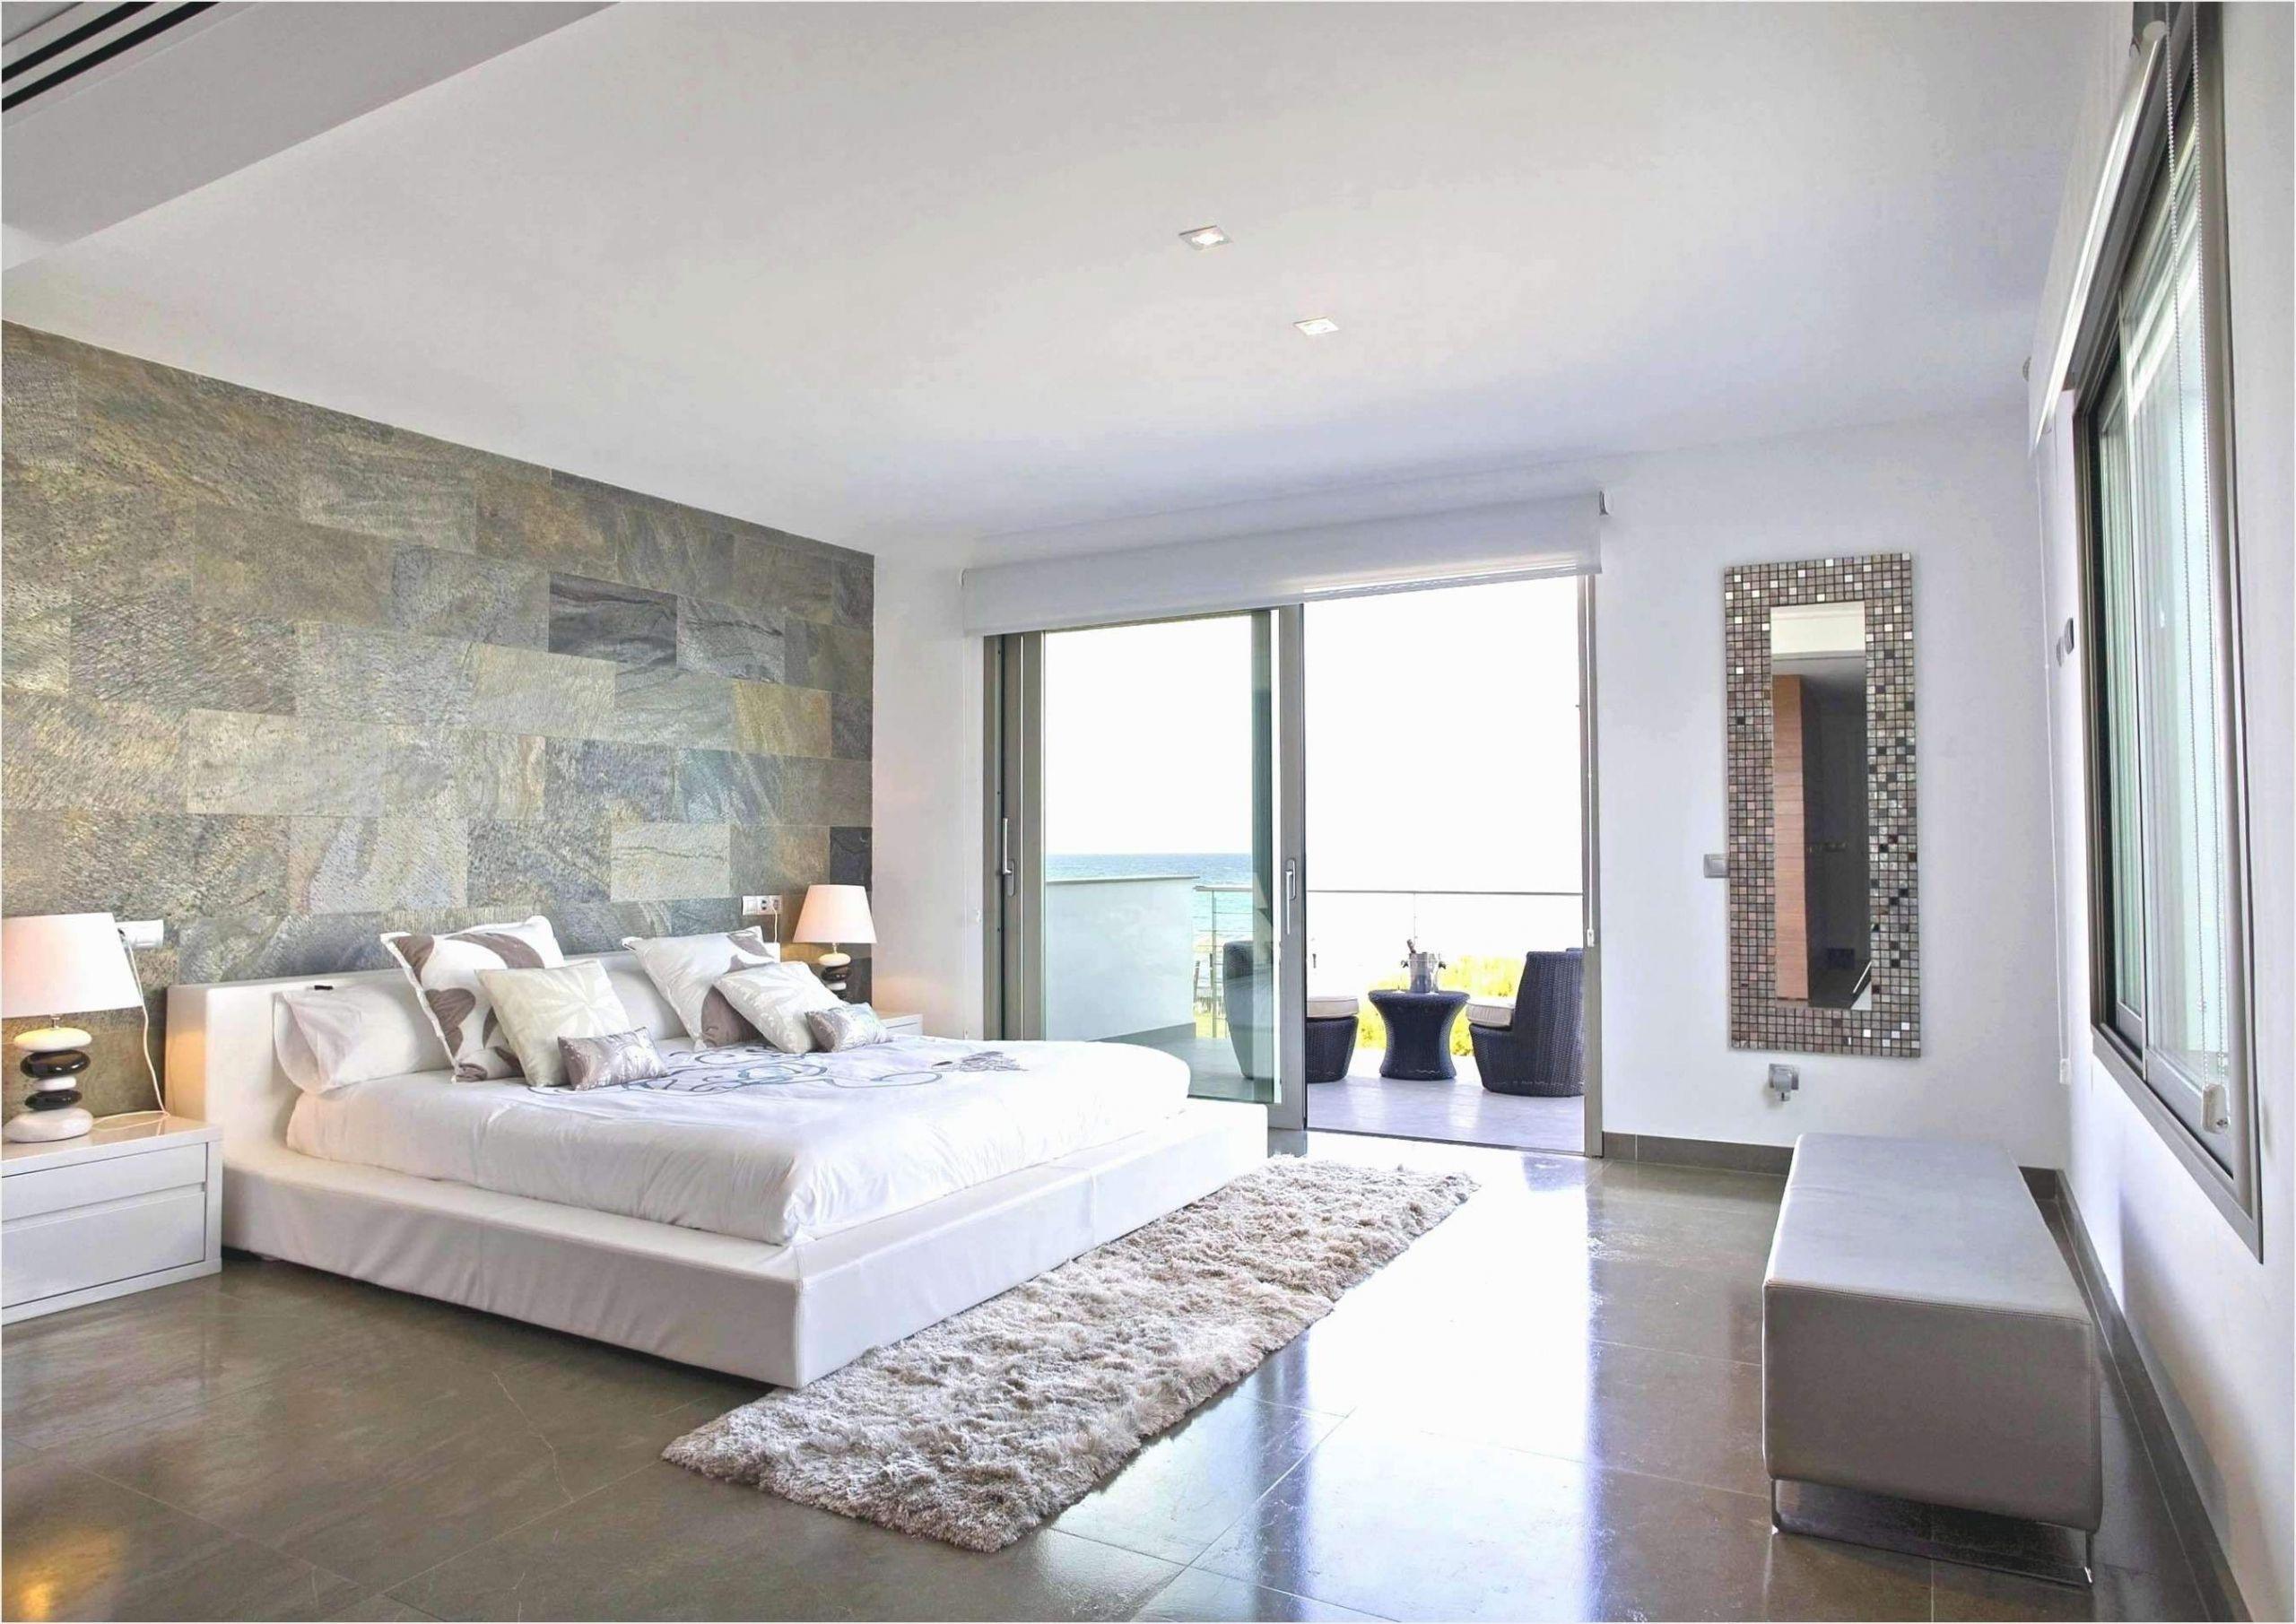 deko wohnzimmer einzigartig bilder moderne wohnzimmer konzept der sjahrige trend of deko wohnzimmer scaled